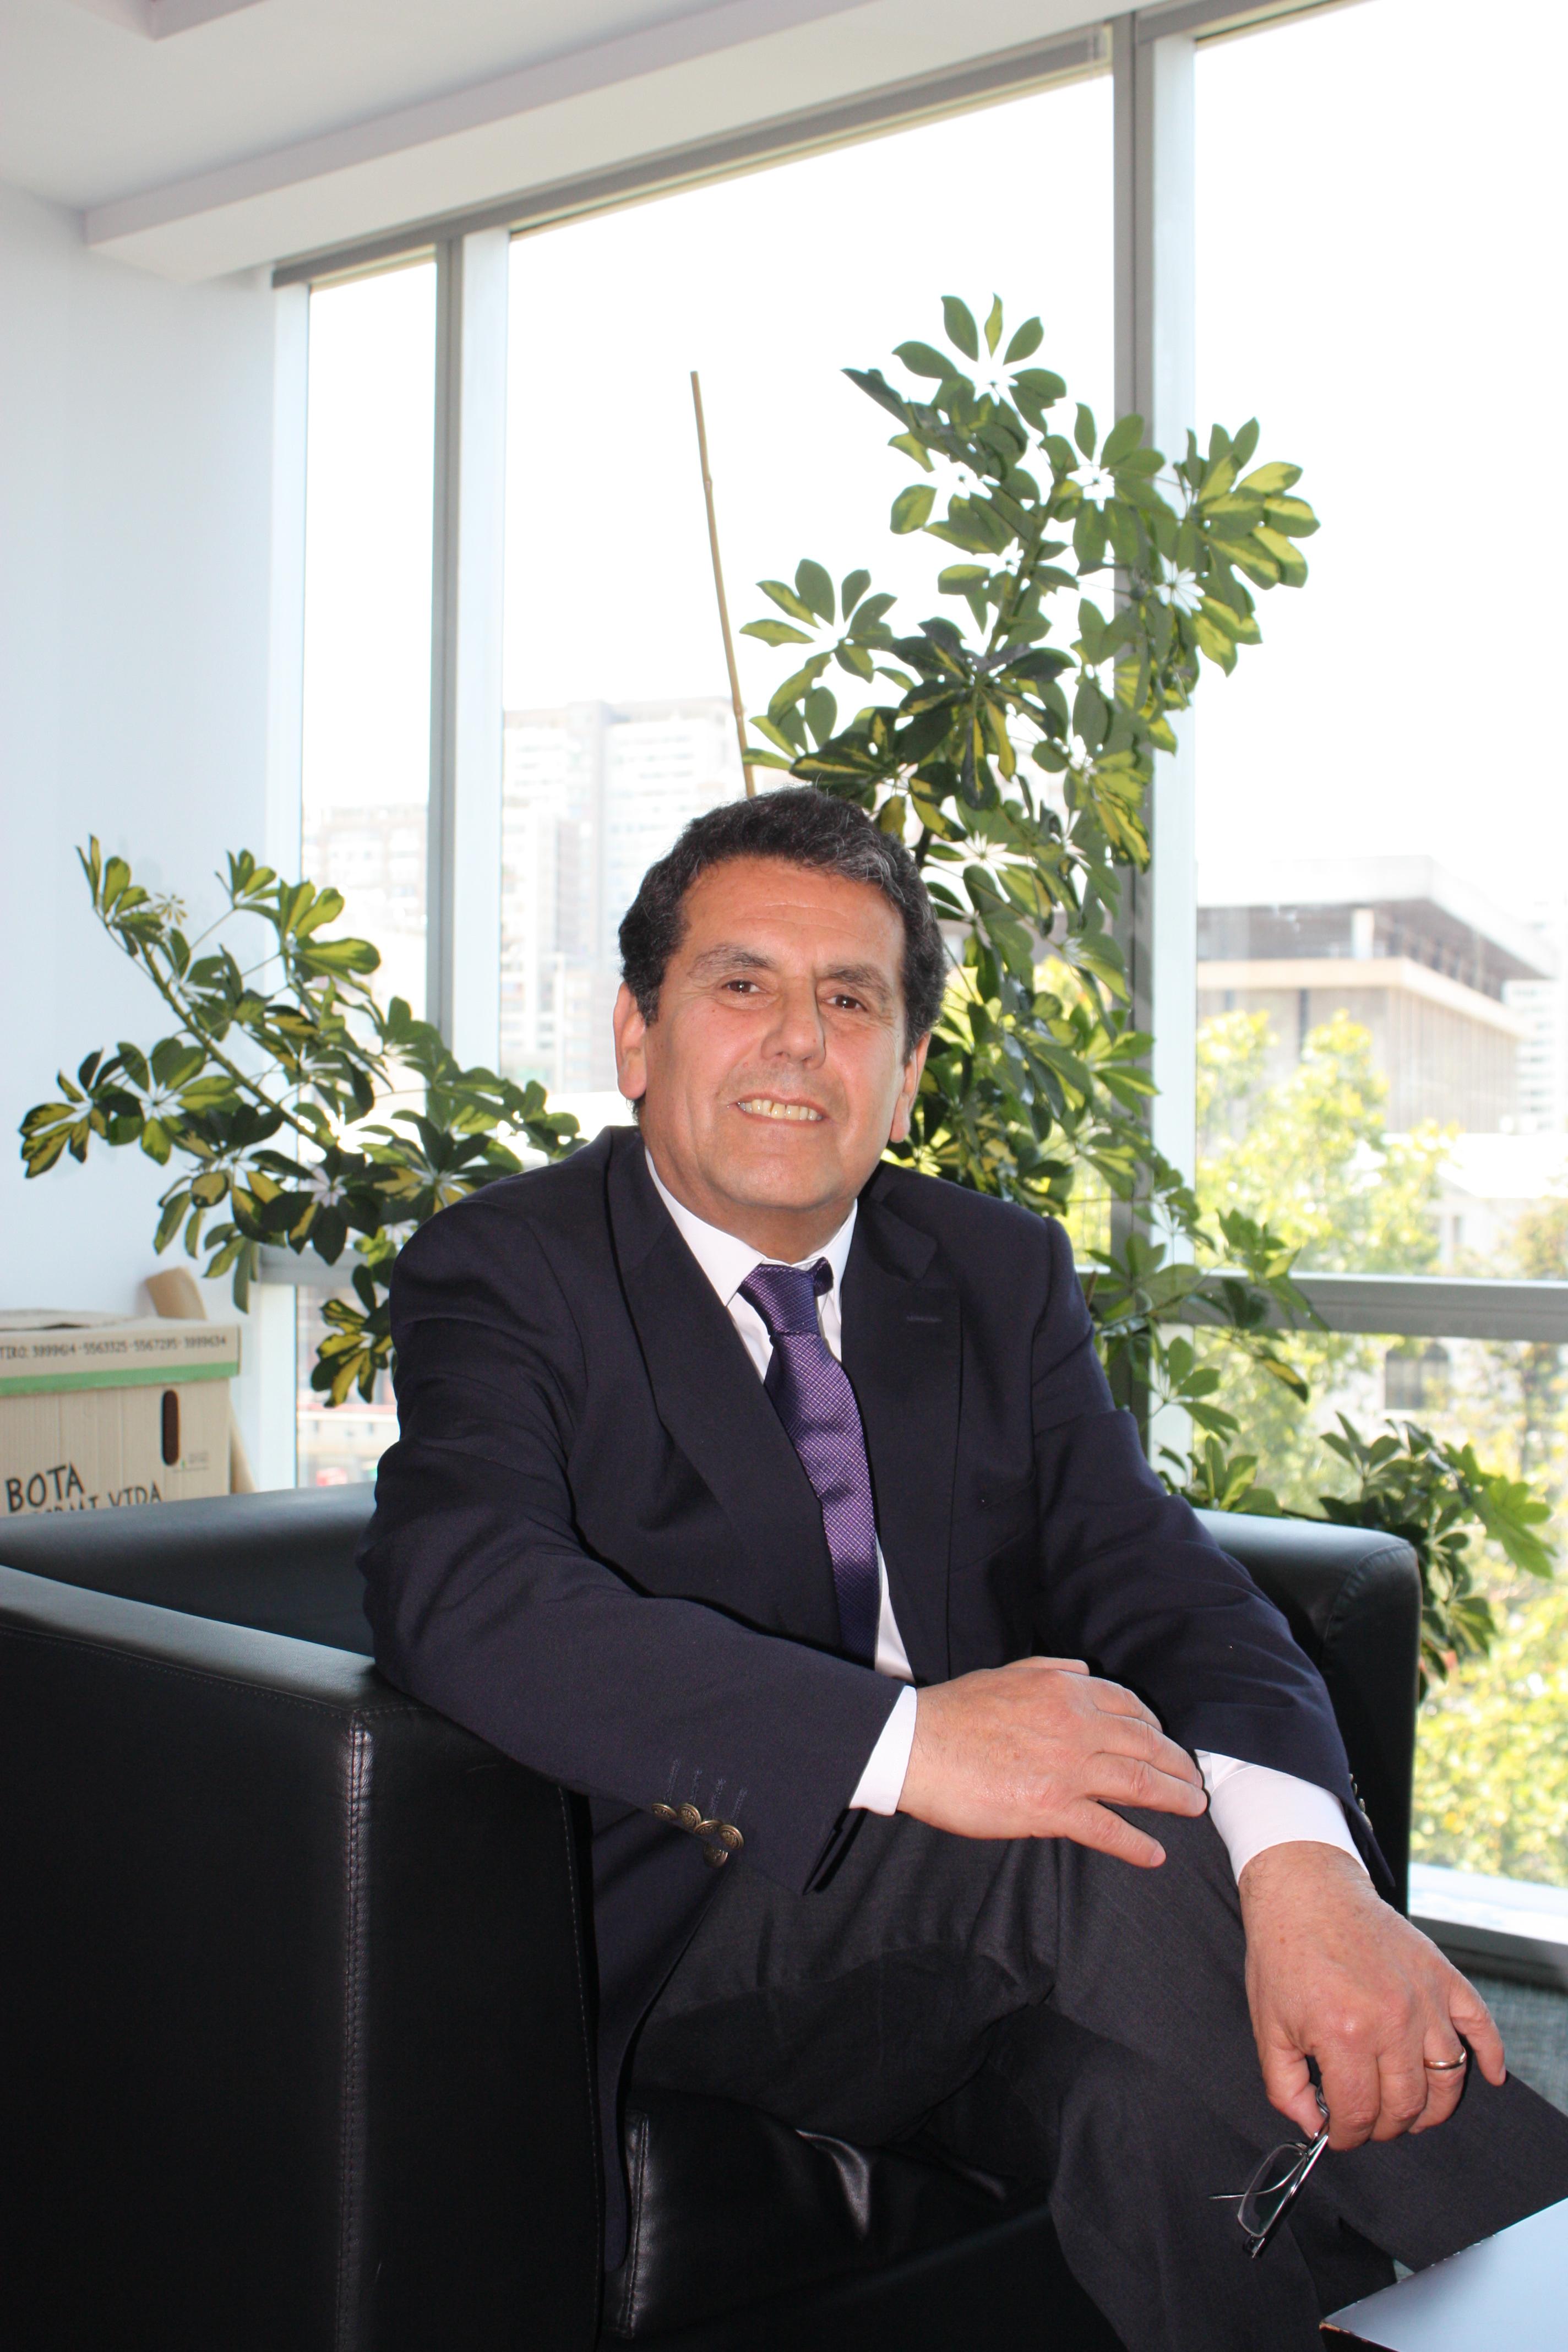 El agente regional de la Superintendencia de Salud de O'Higgins, Ricardo Tudela,  entregó algunos consejos para enfrentar algún problema de salud de alto costo o de urgencia vital.